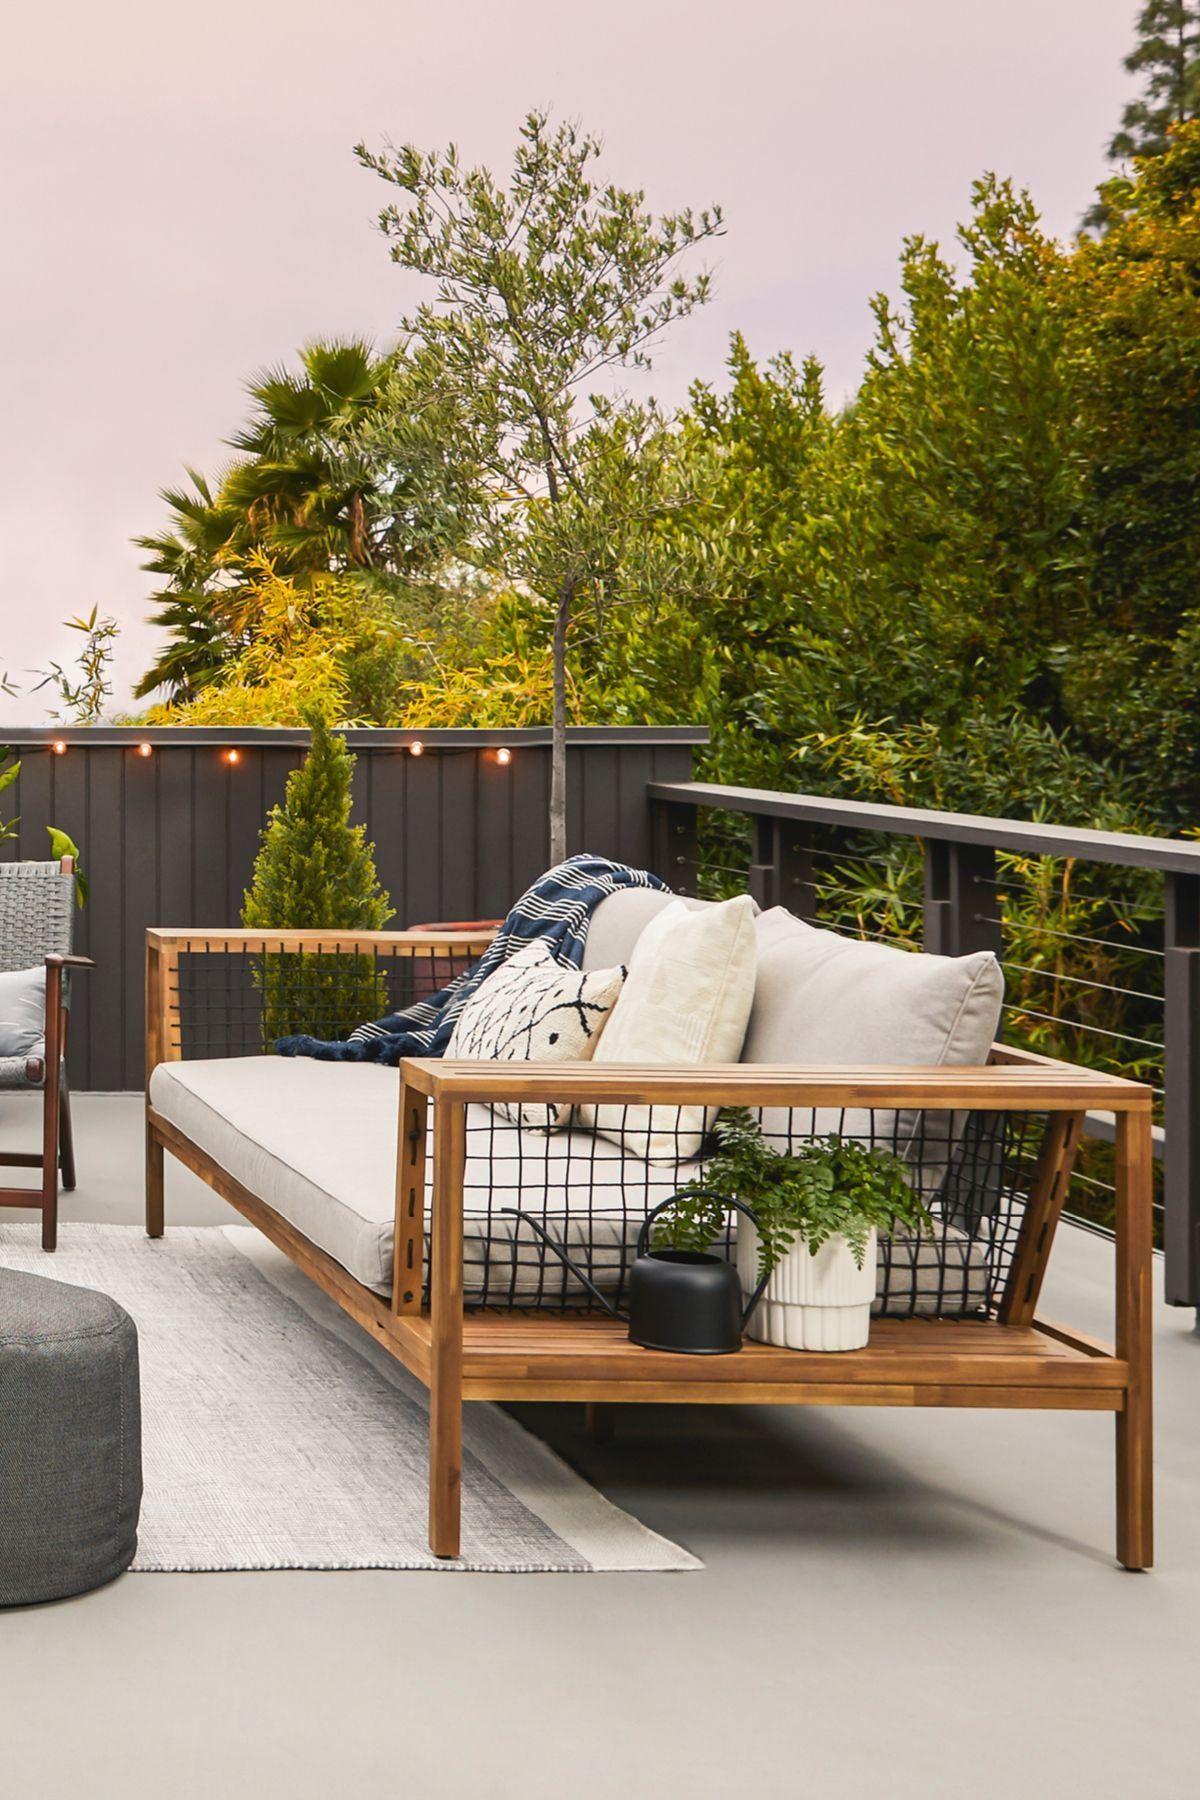 Callais Taupe Gray Outdoor Sofa Modern Design In 2020 Outdoor Sofa Modern Outdoor Sofas Outdoor Sofa Diy